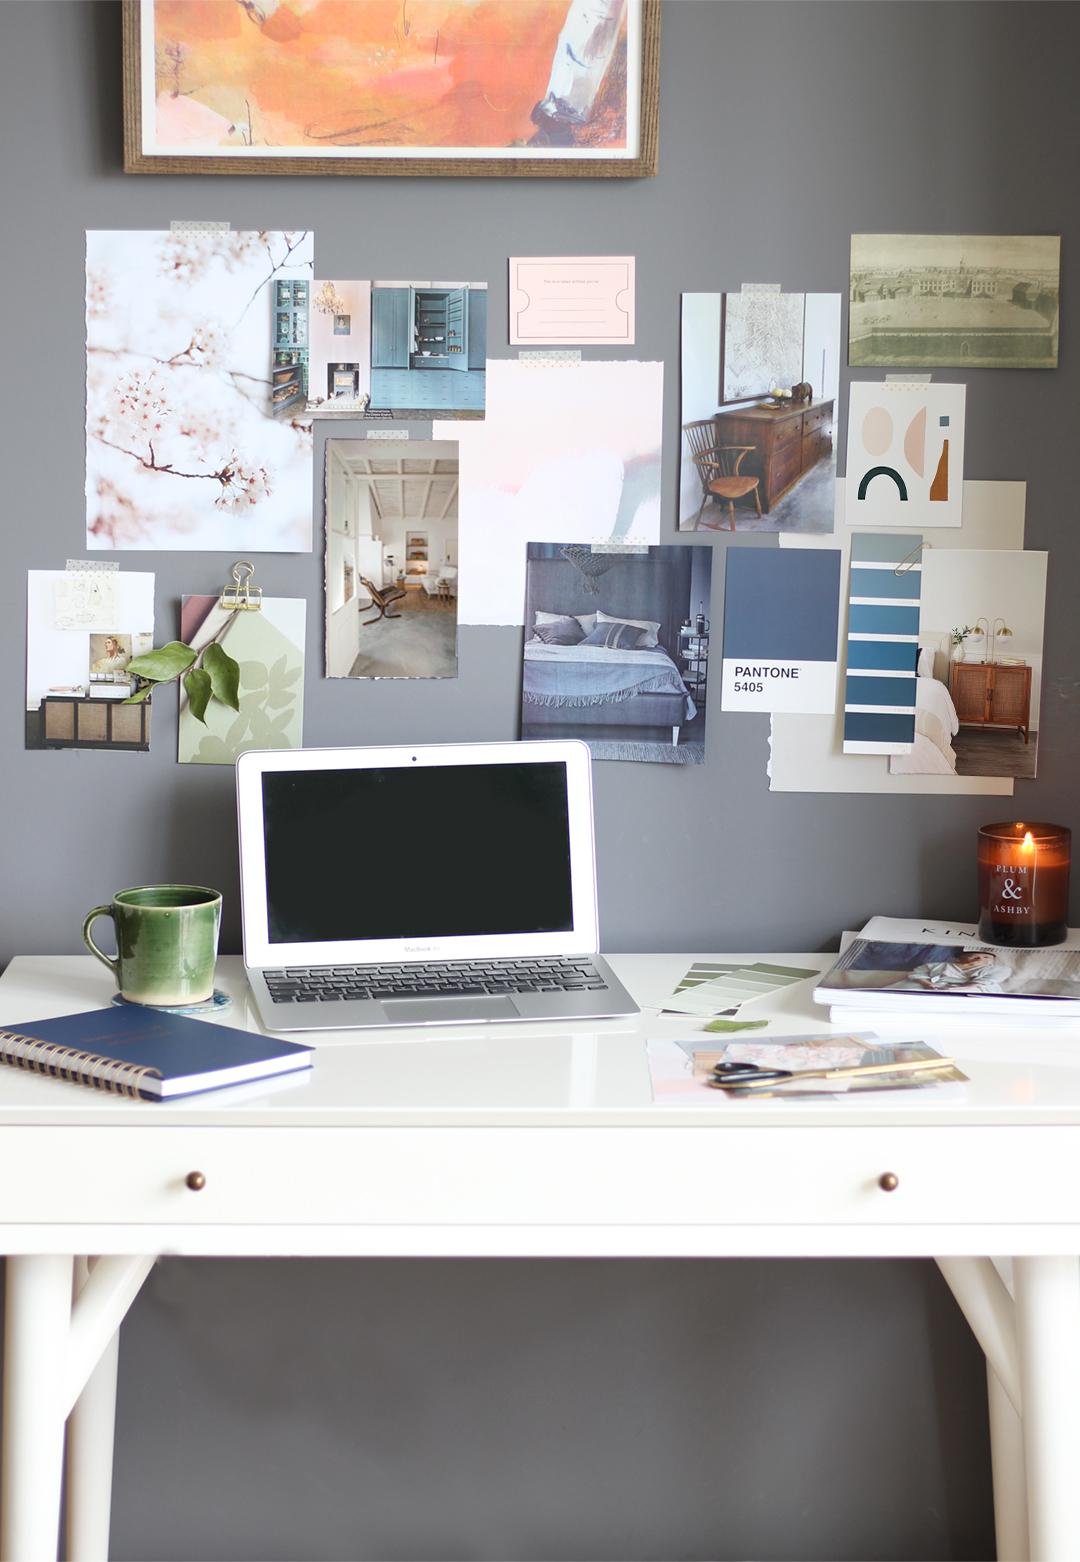 Nancy-straughan-interior-stylist-desk-styling.jpg